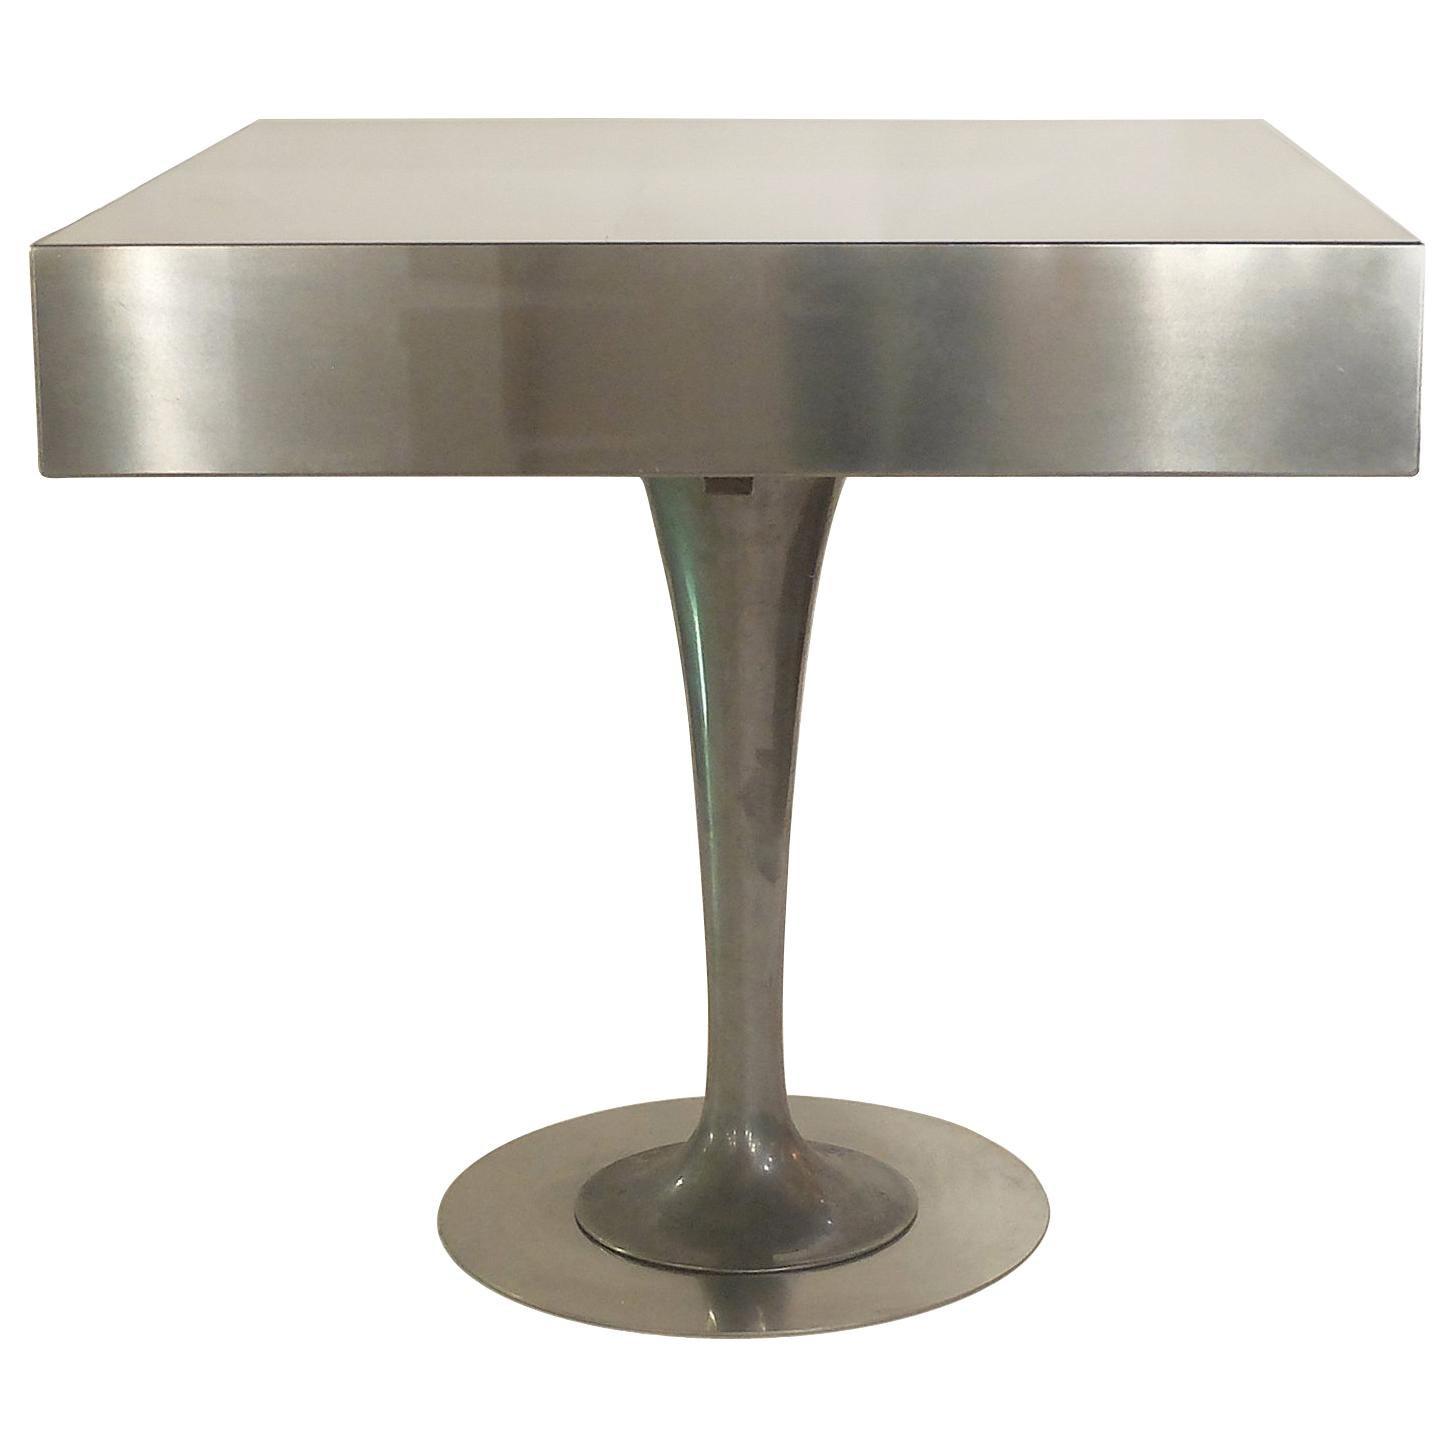 Reinterpretation of a 1940s Table Leg